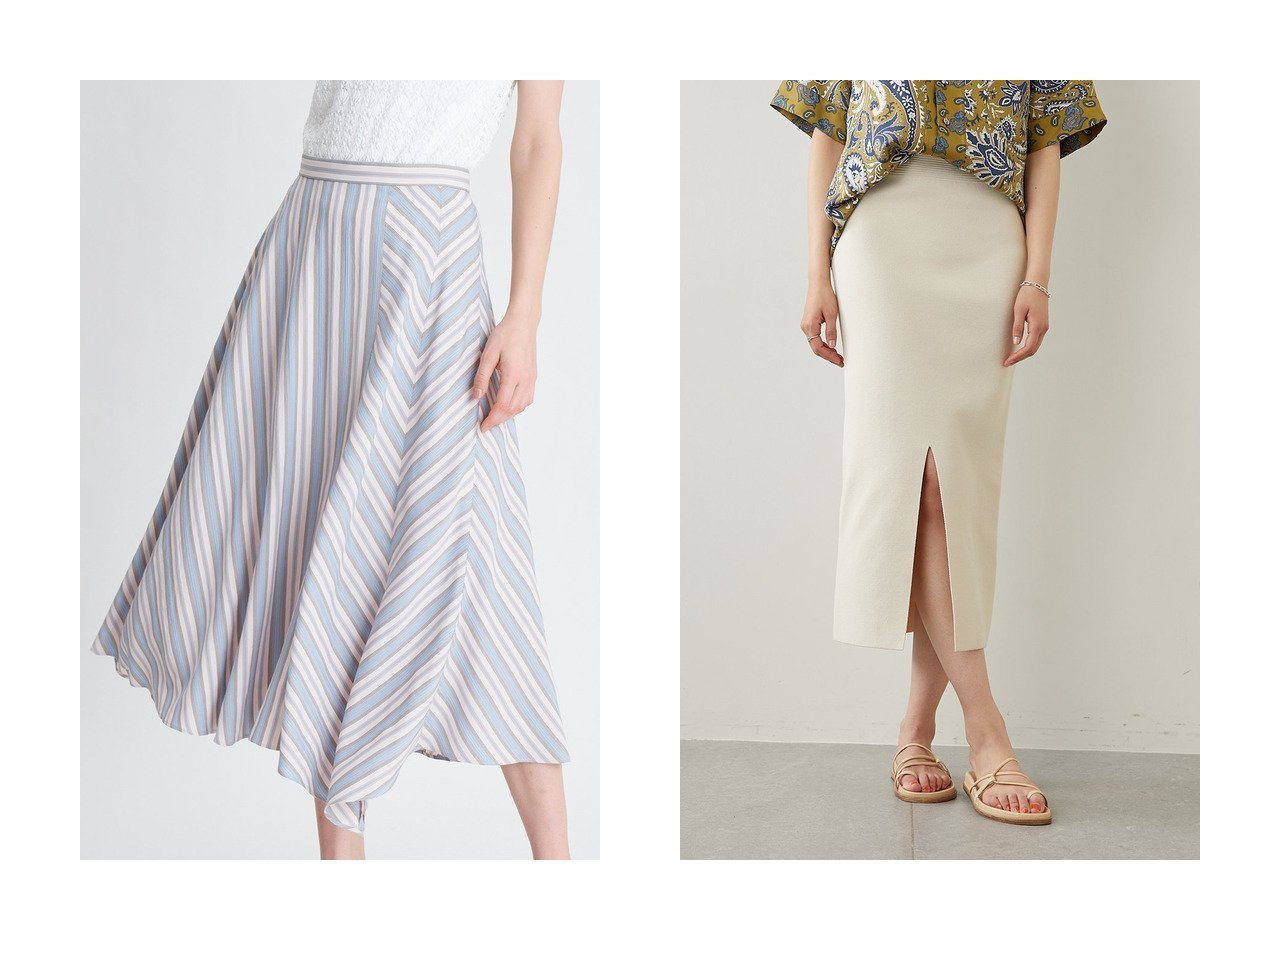 【ANAYI/アナイ】のドビーストライプスカート&【Whim Gazette/ウィムガゼット】のニットタイトスカート 【スカート】おすすめ!人気、トレンド・レディースファッションの通販 おすすめで人気の流行・トレンド、ファッションの通販商品 インテリア・家具・メンズファッション・キッズファッション・レディースファッション・服の通販 founy(ファニー) https://founy.com/ ファッション Fashion レディースファッション WOMEN スカート Skirt おすすめ Recommend アシンメトリー ストライプ パール フレア ヘムライン カットソー シンプル ジャケット ストレッチ スリット フォルム フラット ブルゾン ミラノリブ  ID:crp329100000048113